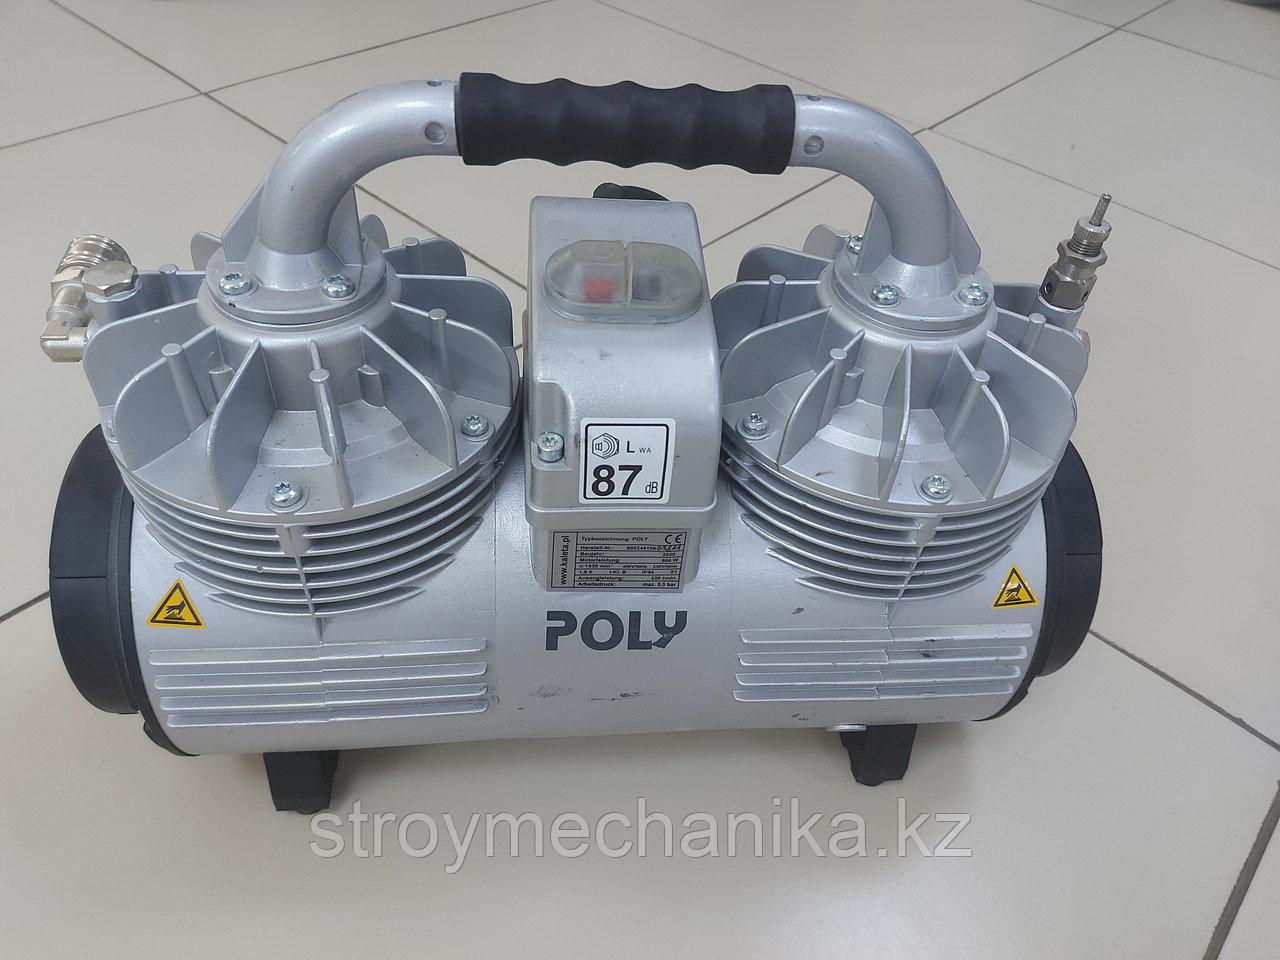 Оригинальный компрессор для штукатурной машины LK250 Kaleta, PFT, Putzmeister